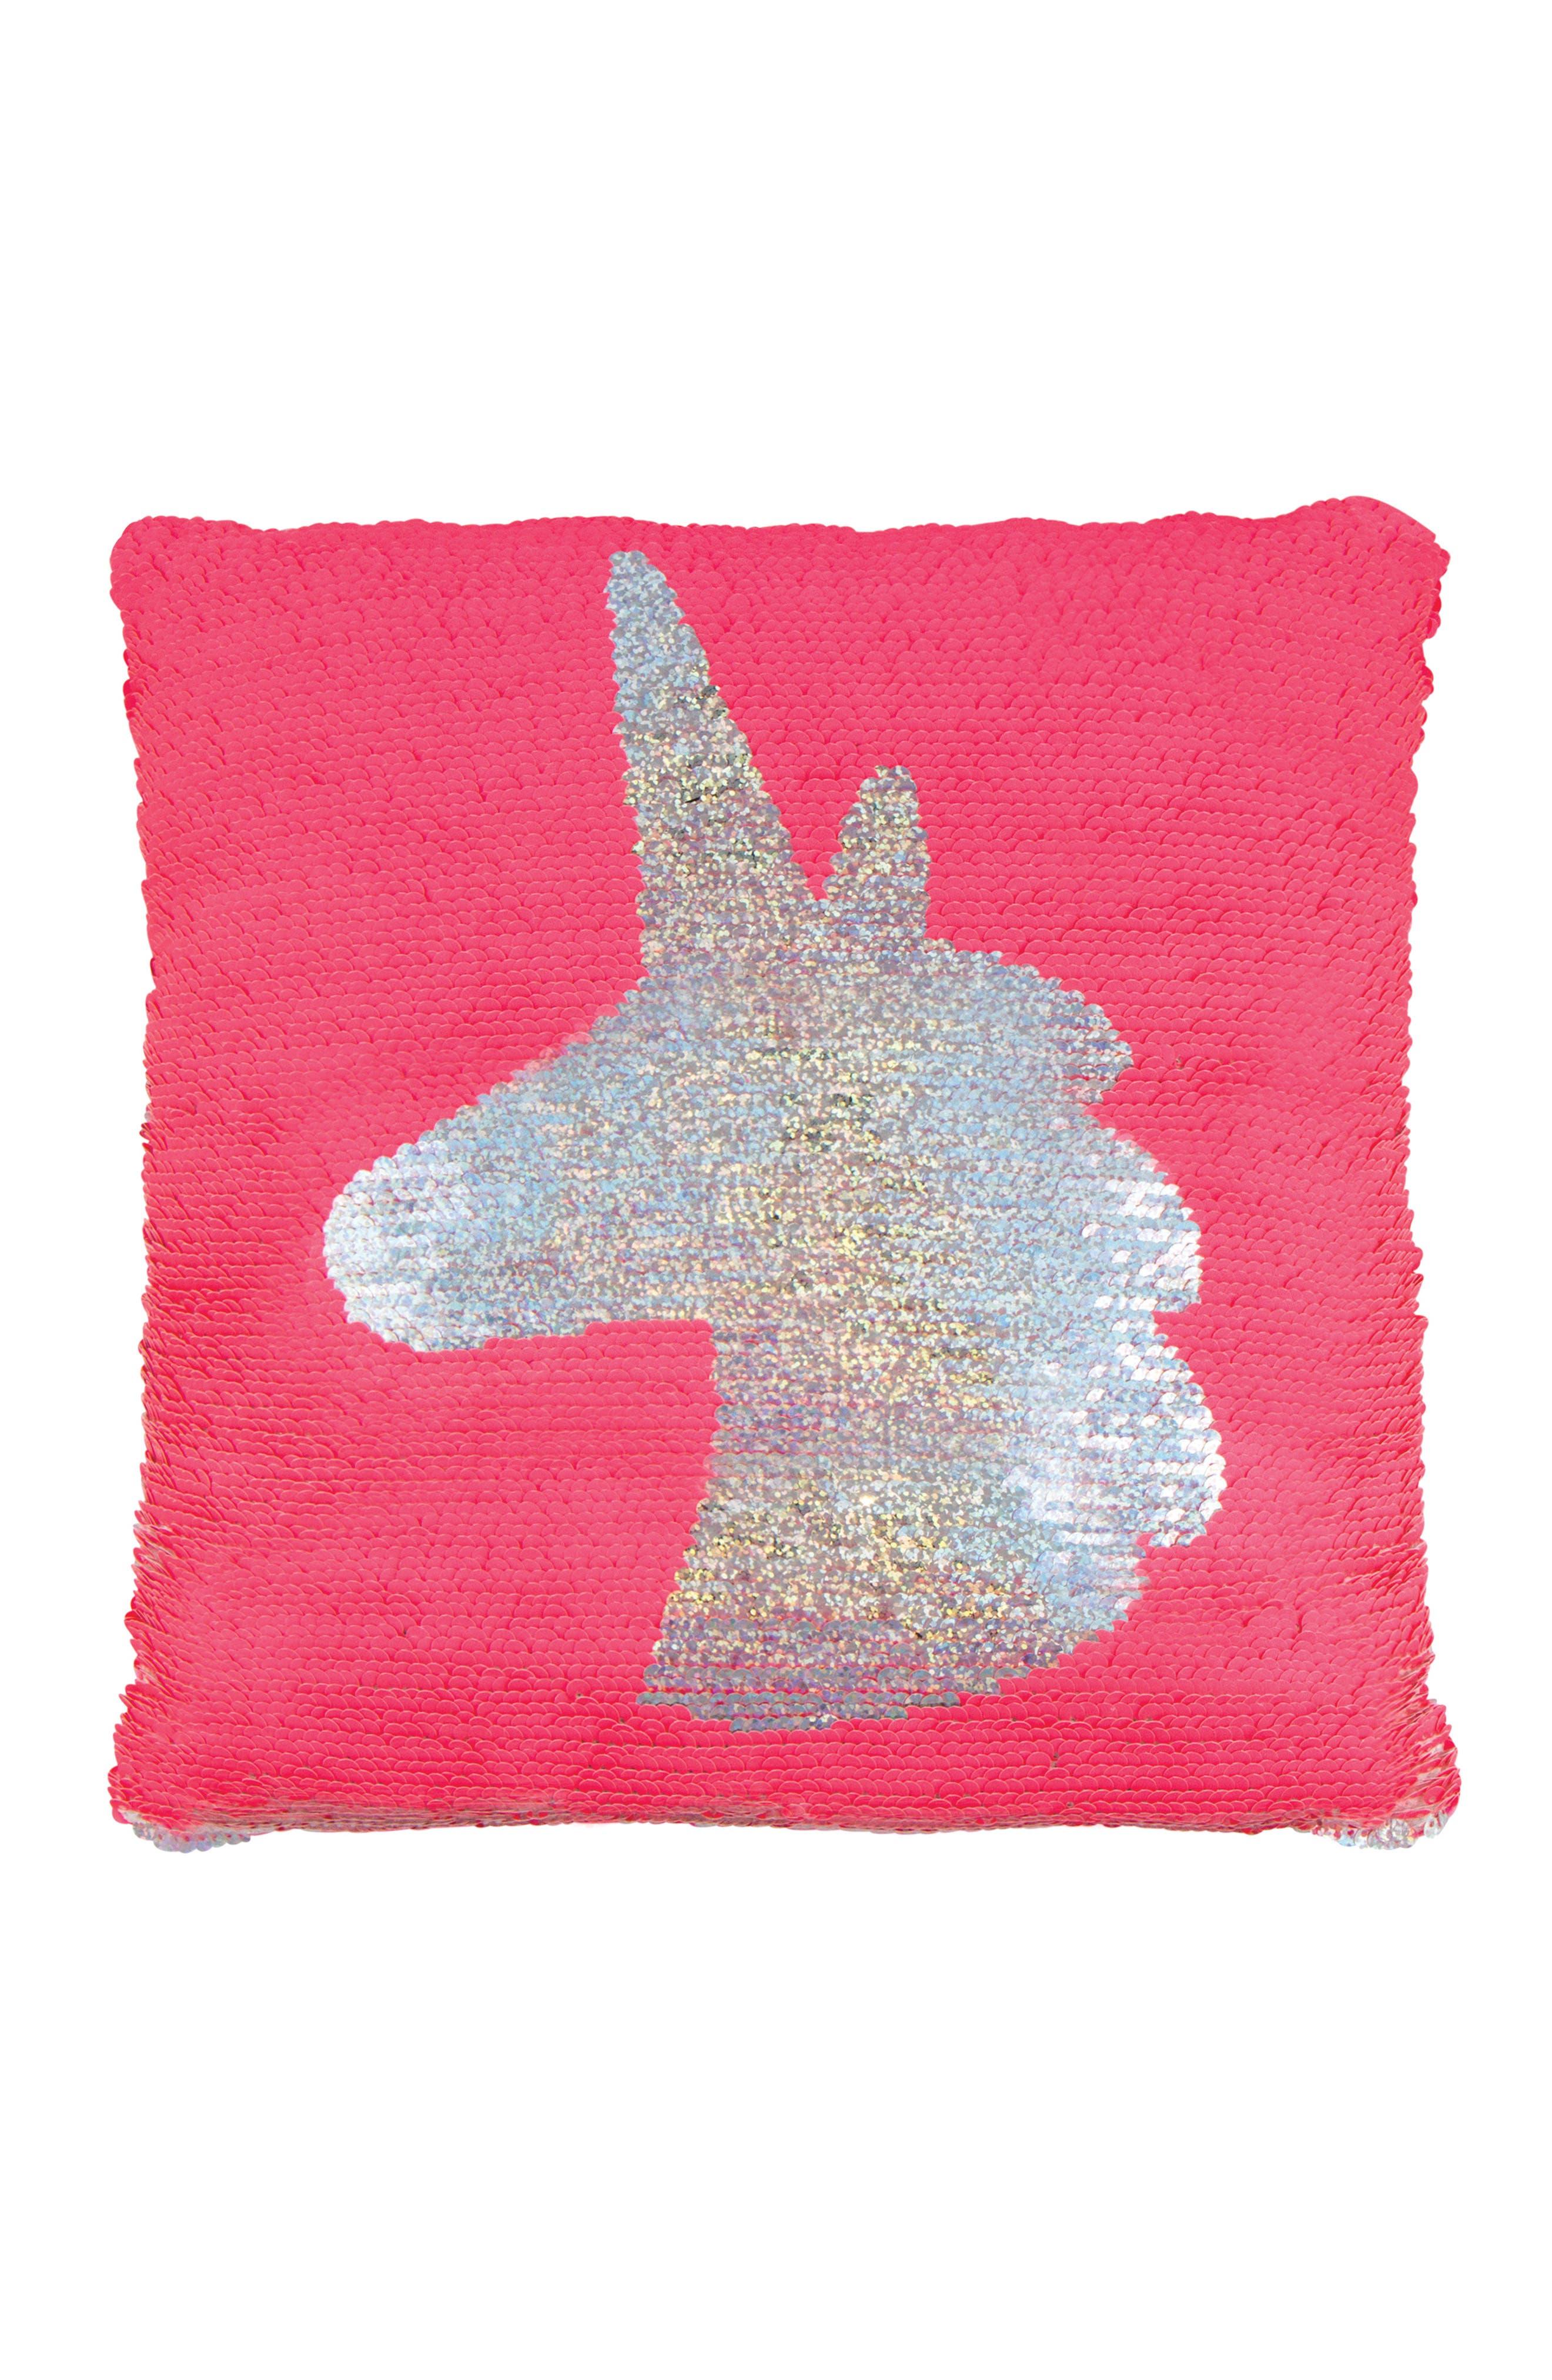 Magic Flip Sequin Unicorn Accent Pillow,                             Main thumbnail 1, color,                             650